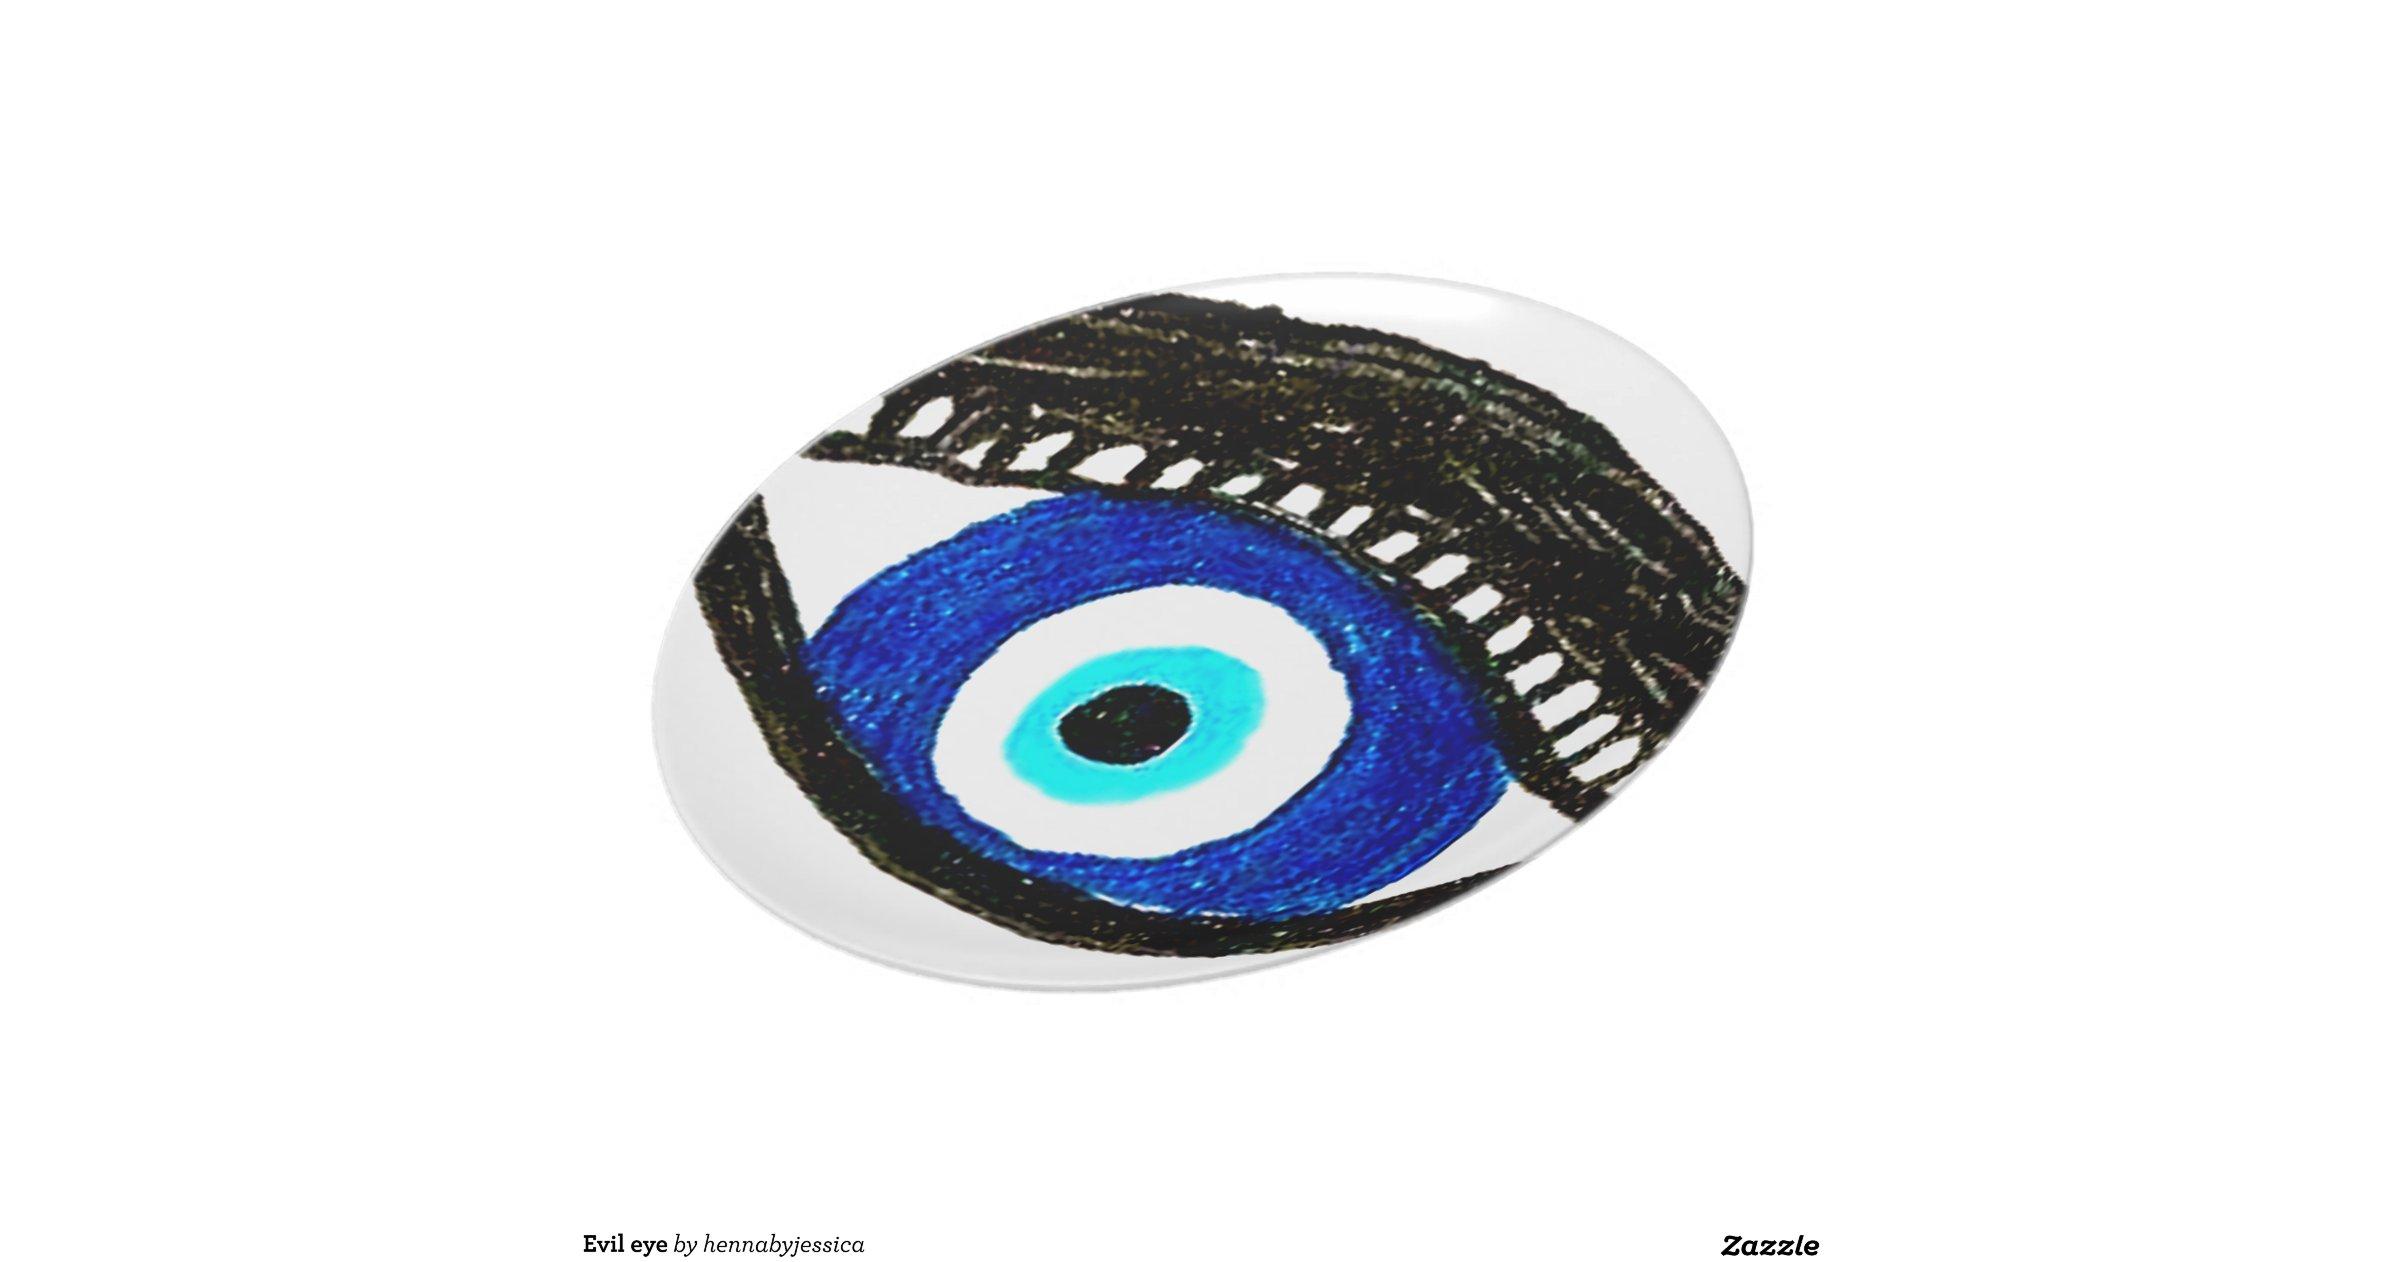 Dinner Plate Eyes Evil Eye Dinner Plates |